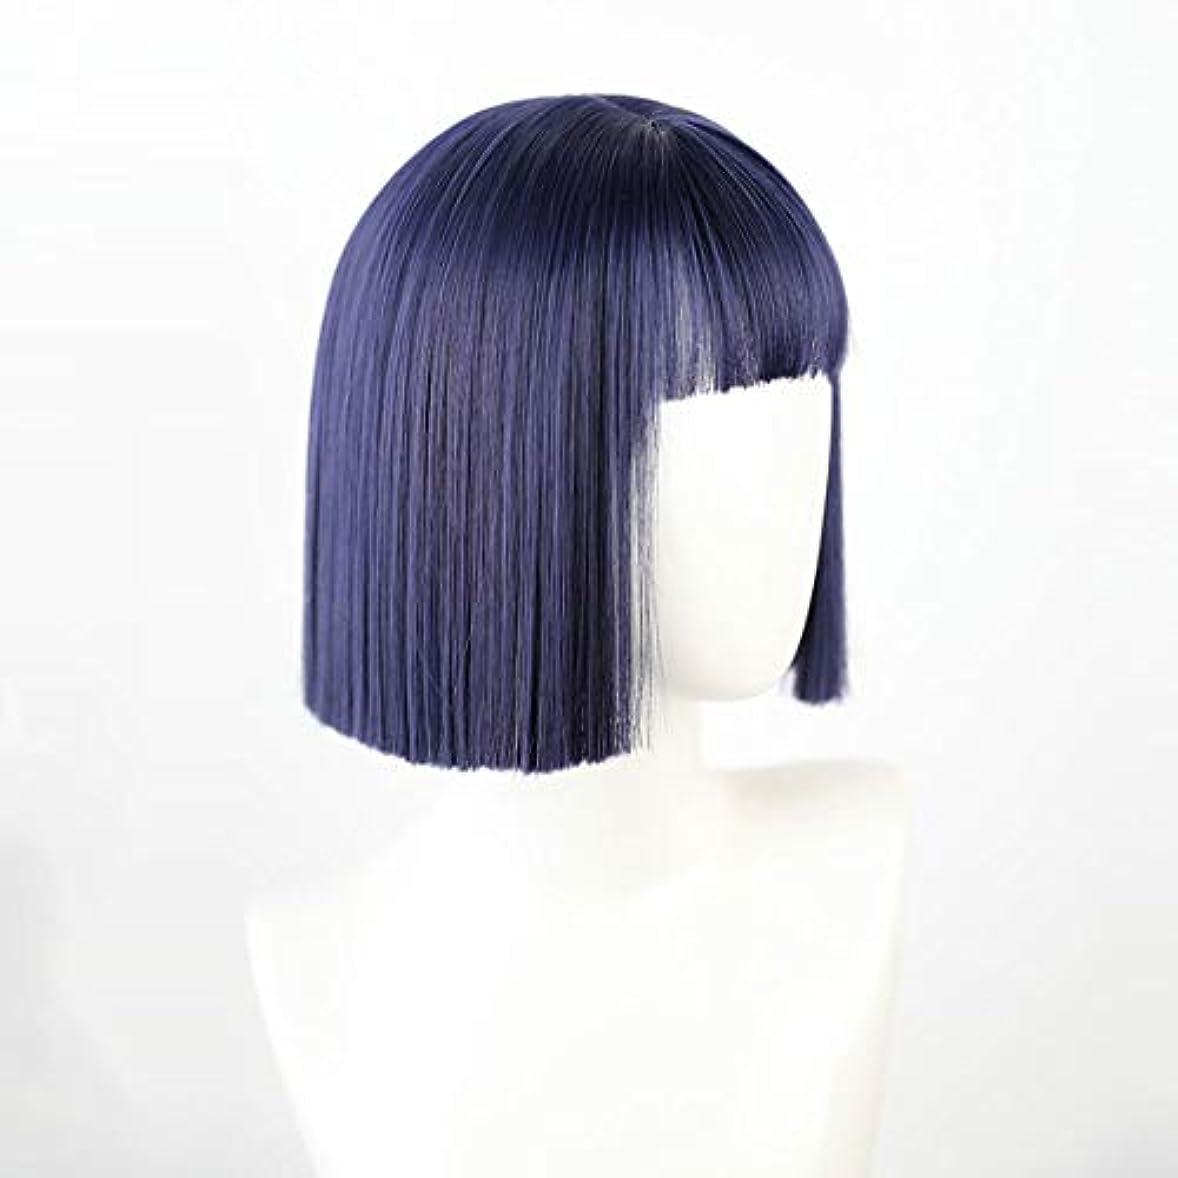 宣言無条件既婚かつら 女性のショートヘアボボヘッドウィッグ、前髪ヘアアクセサリー付きショートストレートヘア、ヘアピース耐熱自然現実的かつら、パーティーの日常使用に適しています